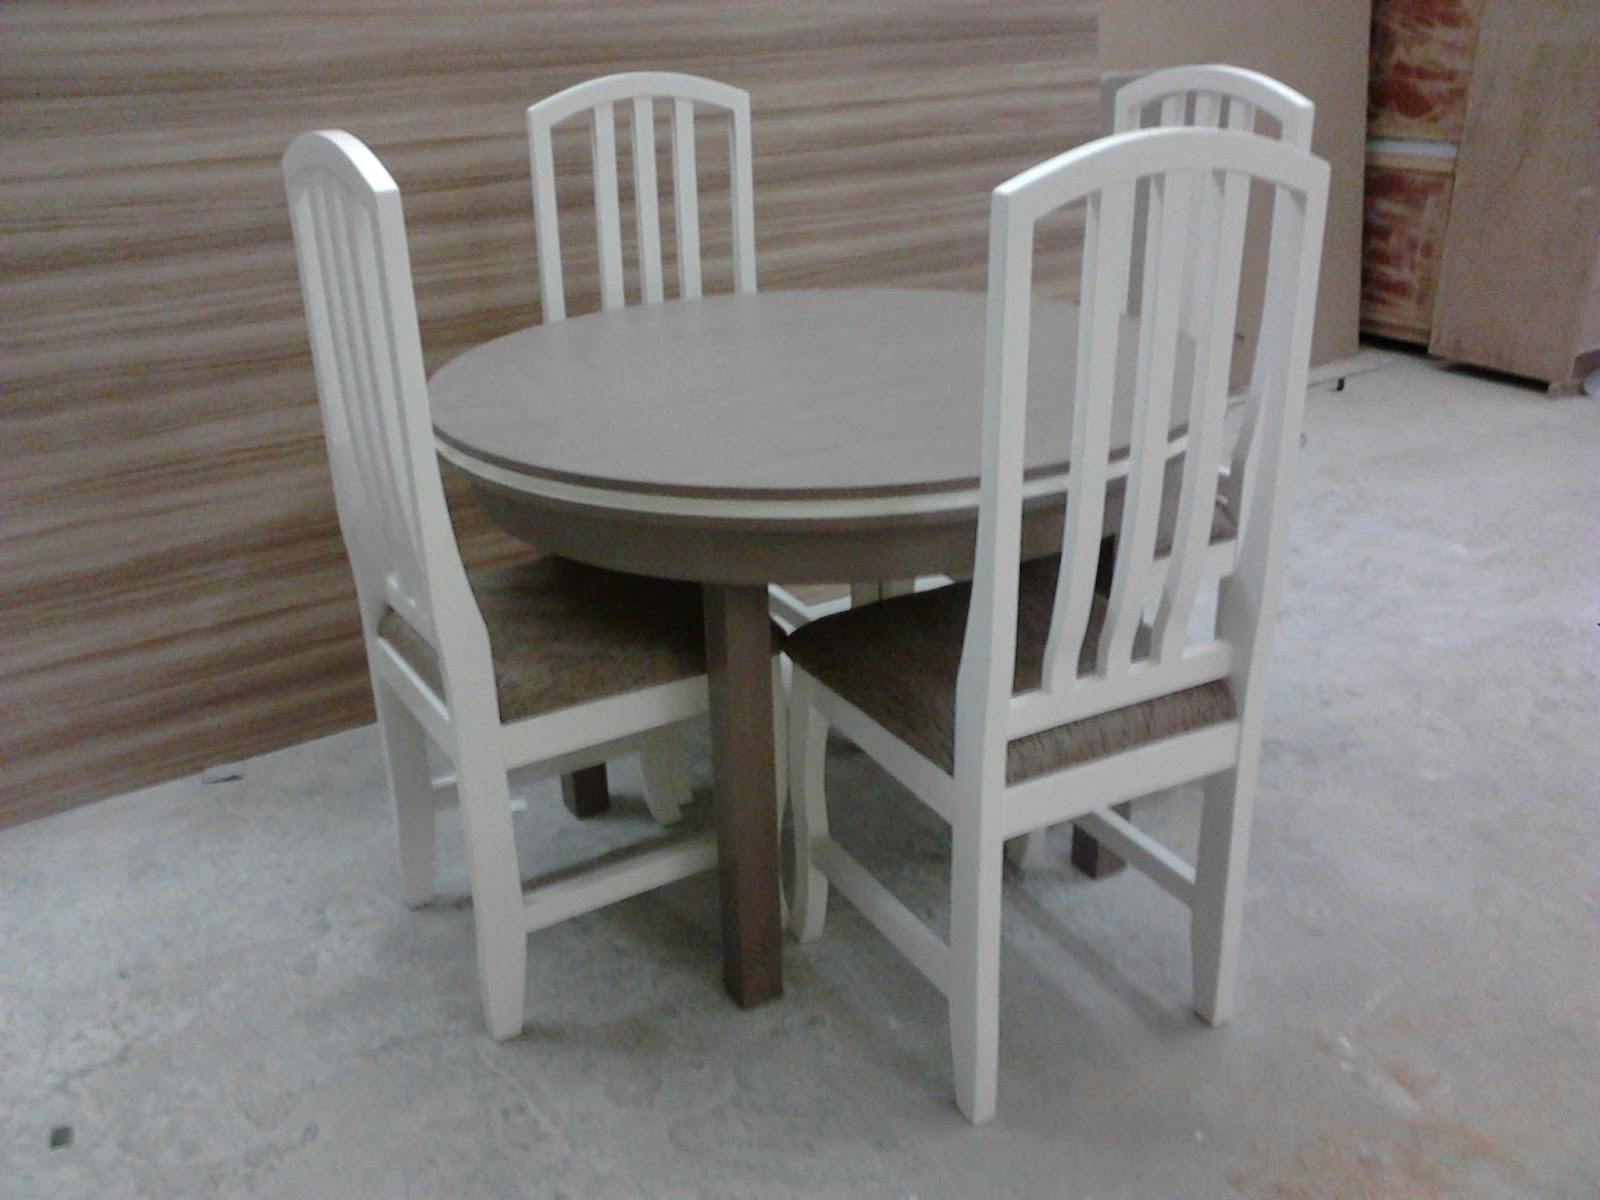 #5D4D41 mesa redonda em madeira e formica cozinha modulada em 100 % mdf  1372 Preços De Janelas De Madeira Em Volta Redonda